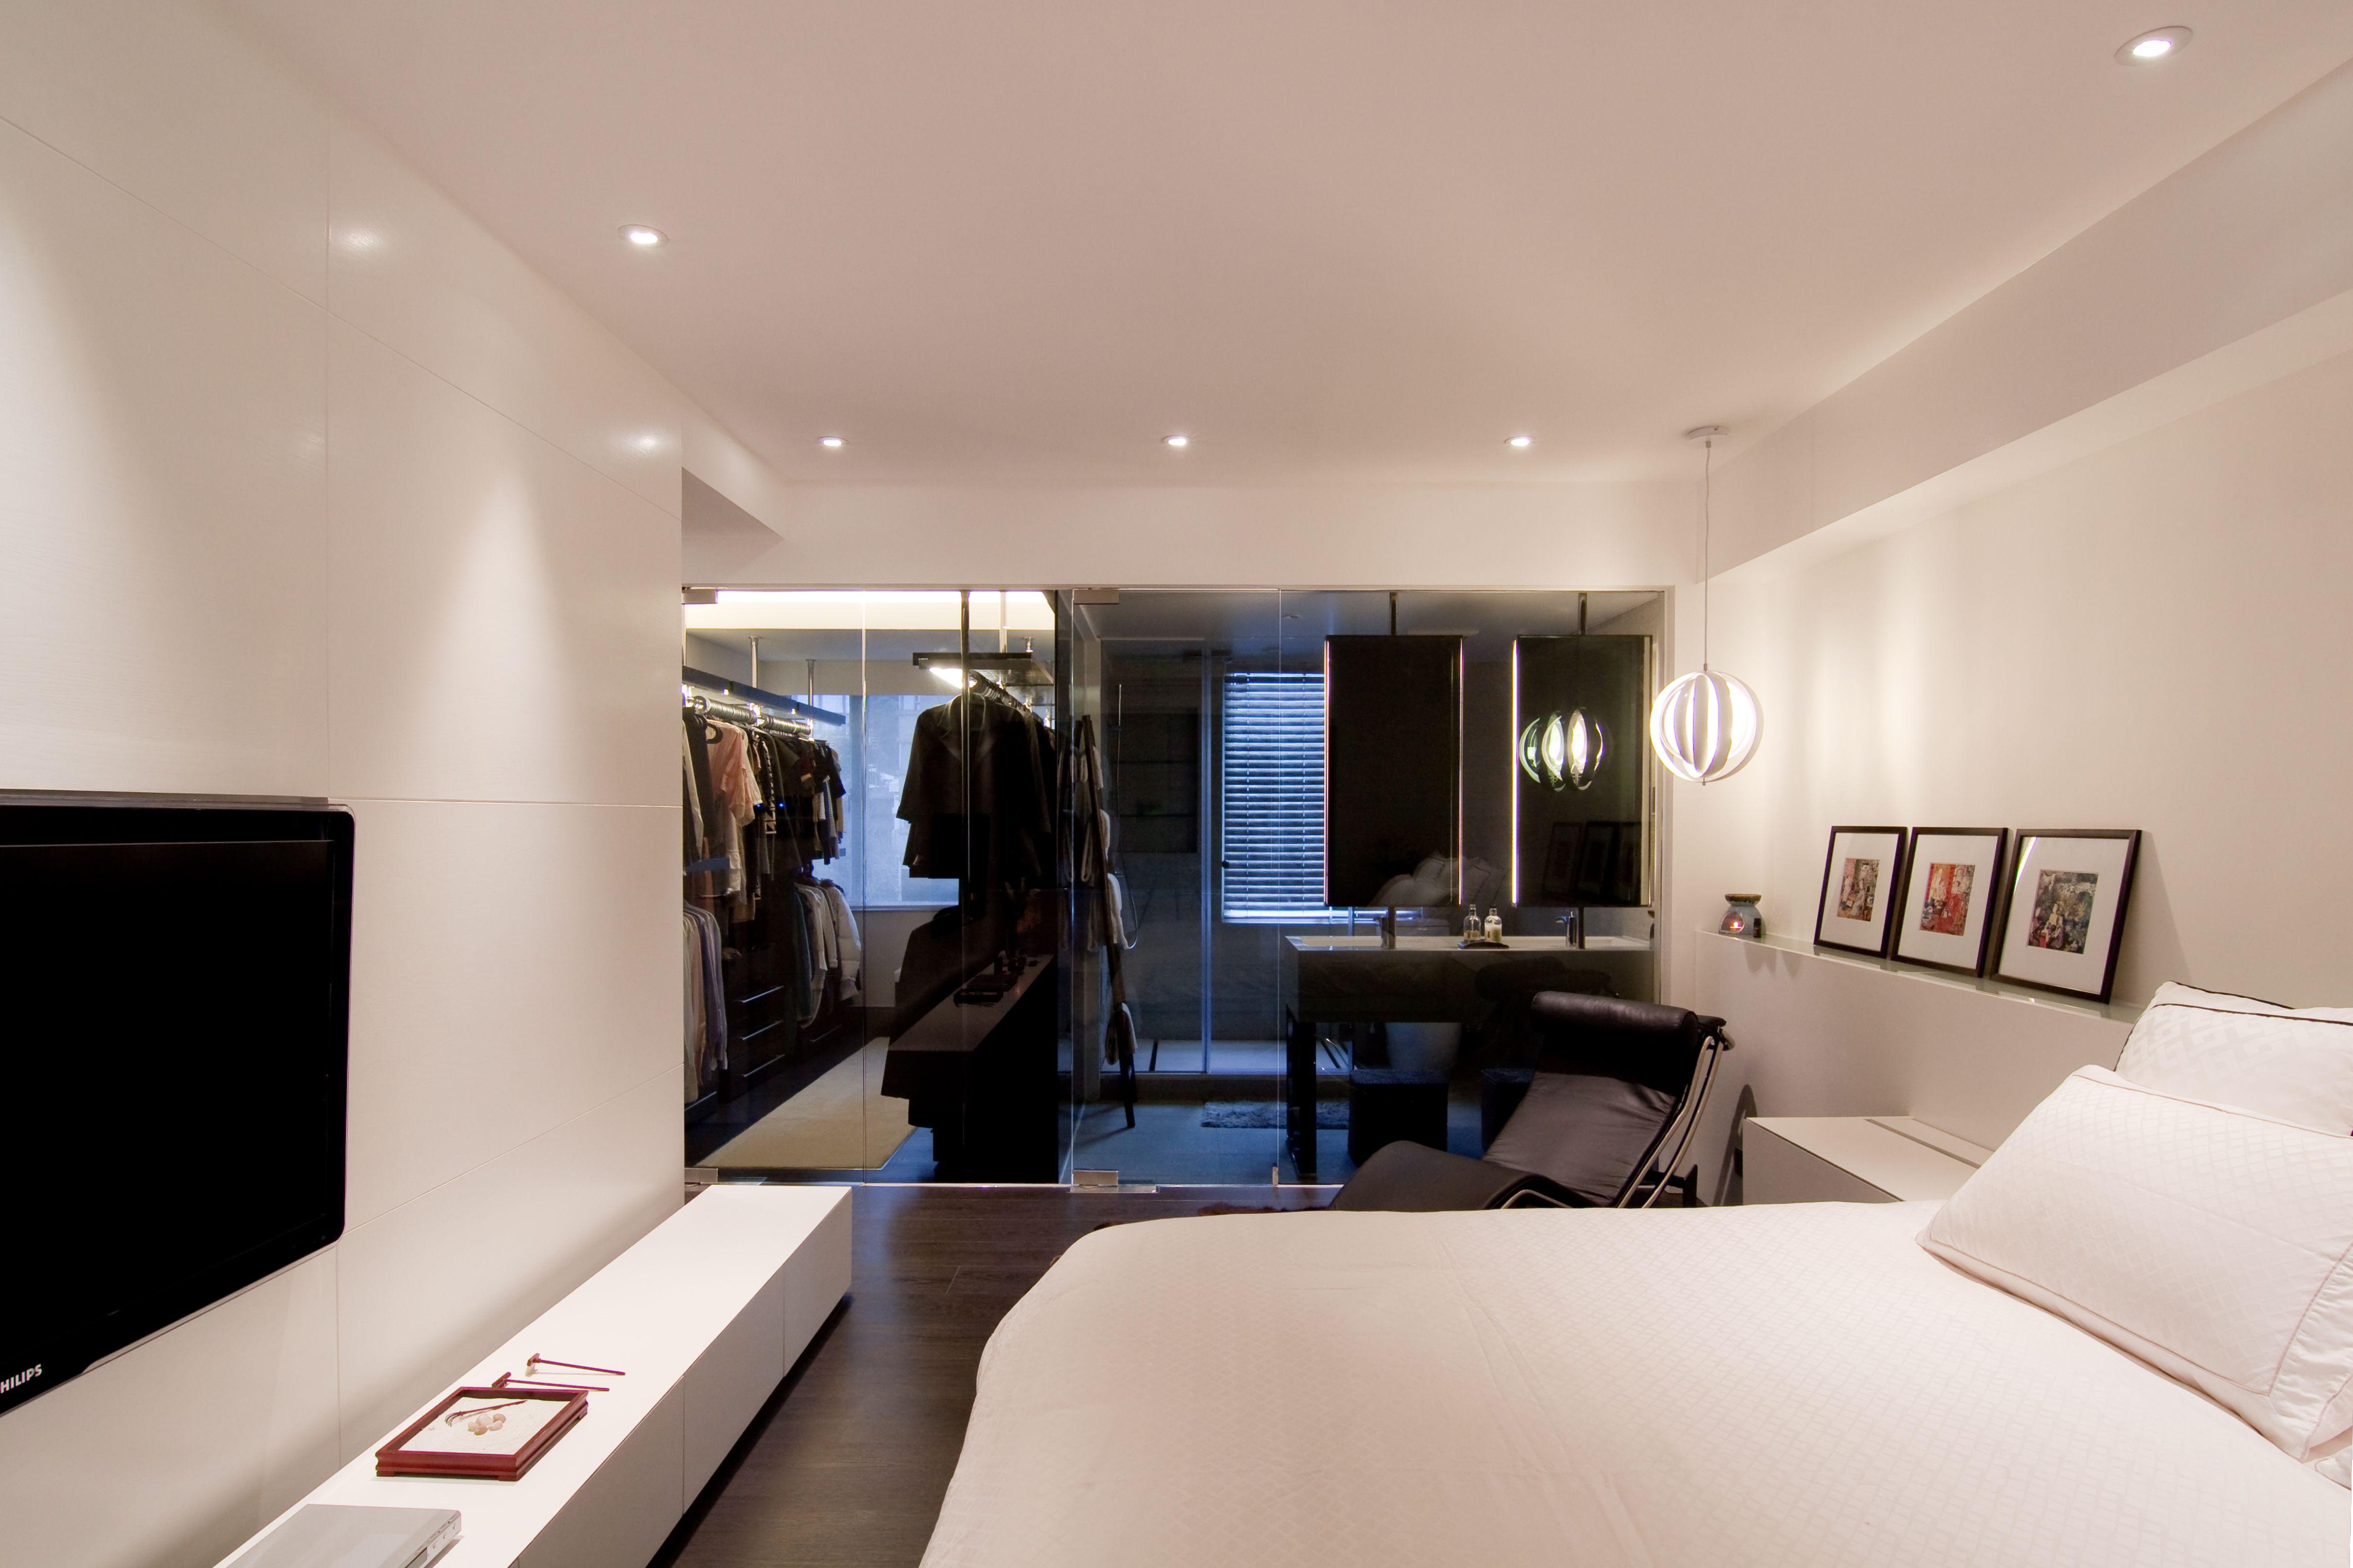 这个角度可以清晰的看到衣帽间在屋内,方便业主更好的更换衣服,做好了充足的隐私空间